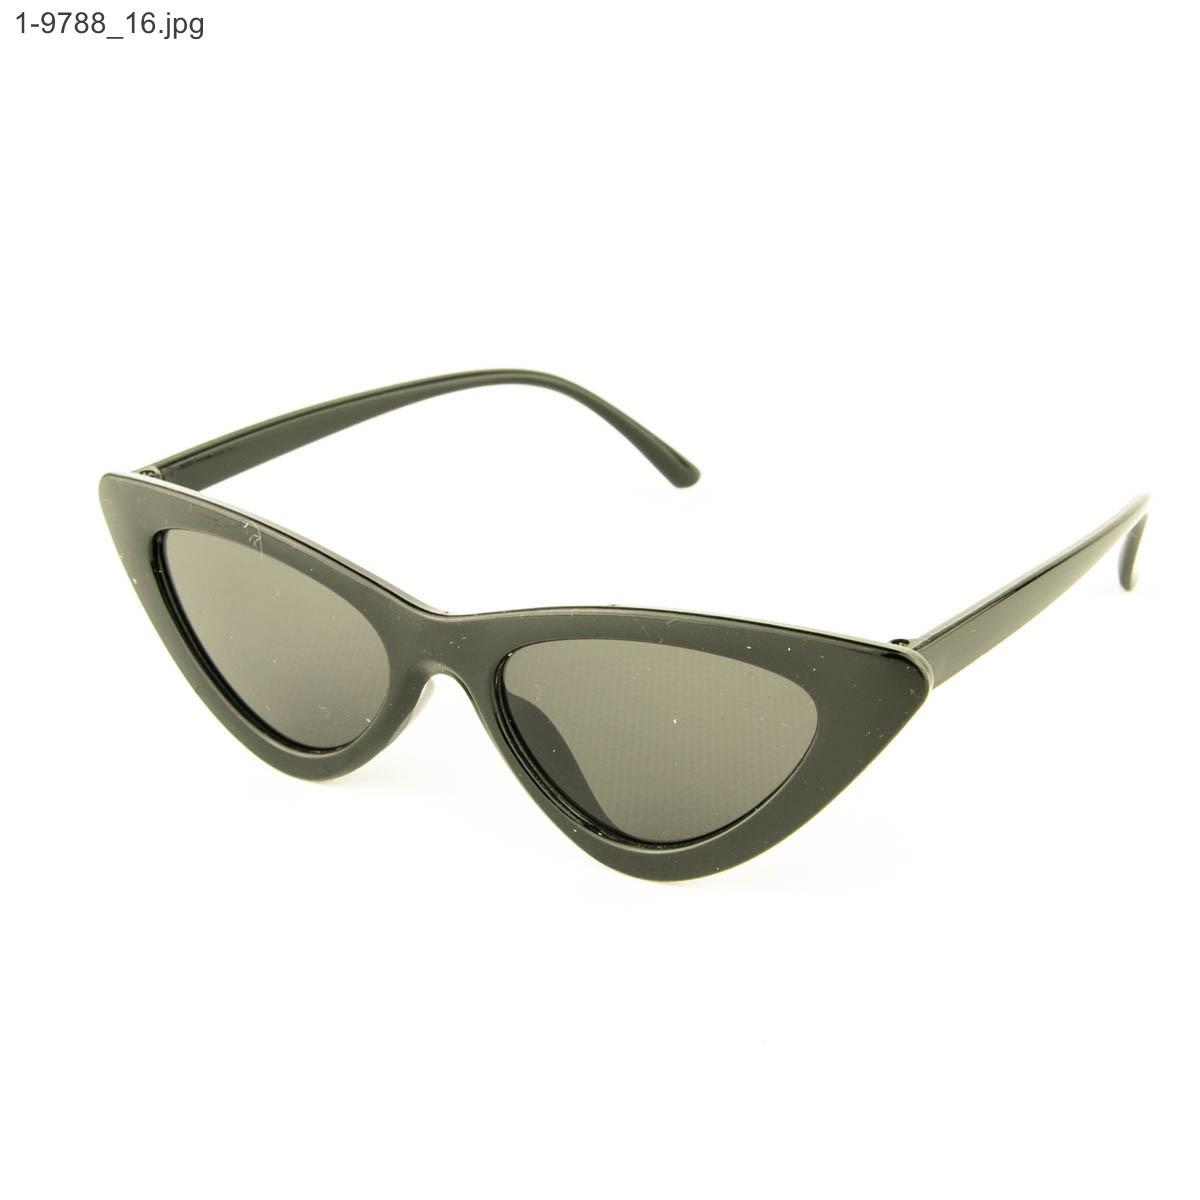 Оптом солнцезащитные женские очки кошачий глаз - Черные - 1-9788